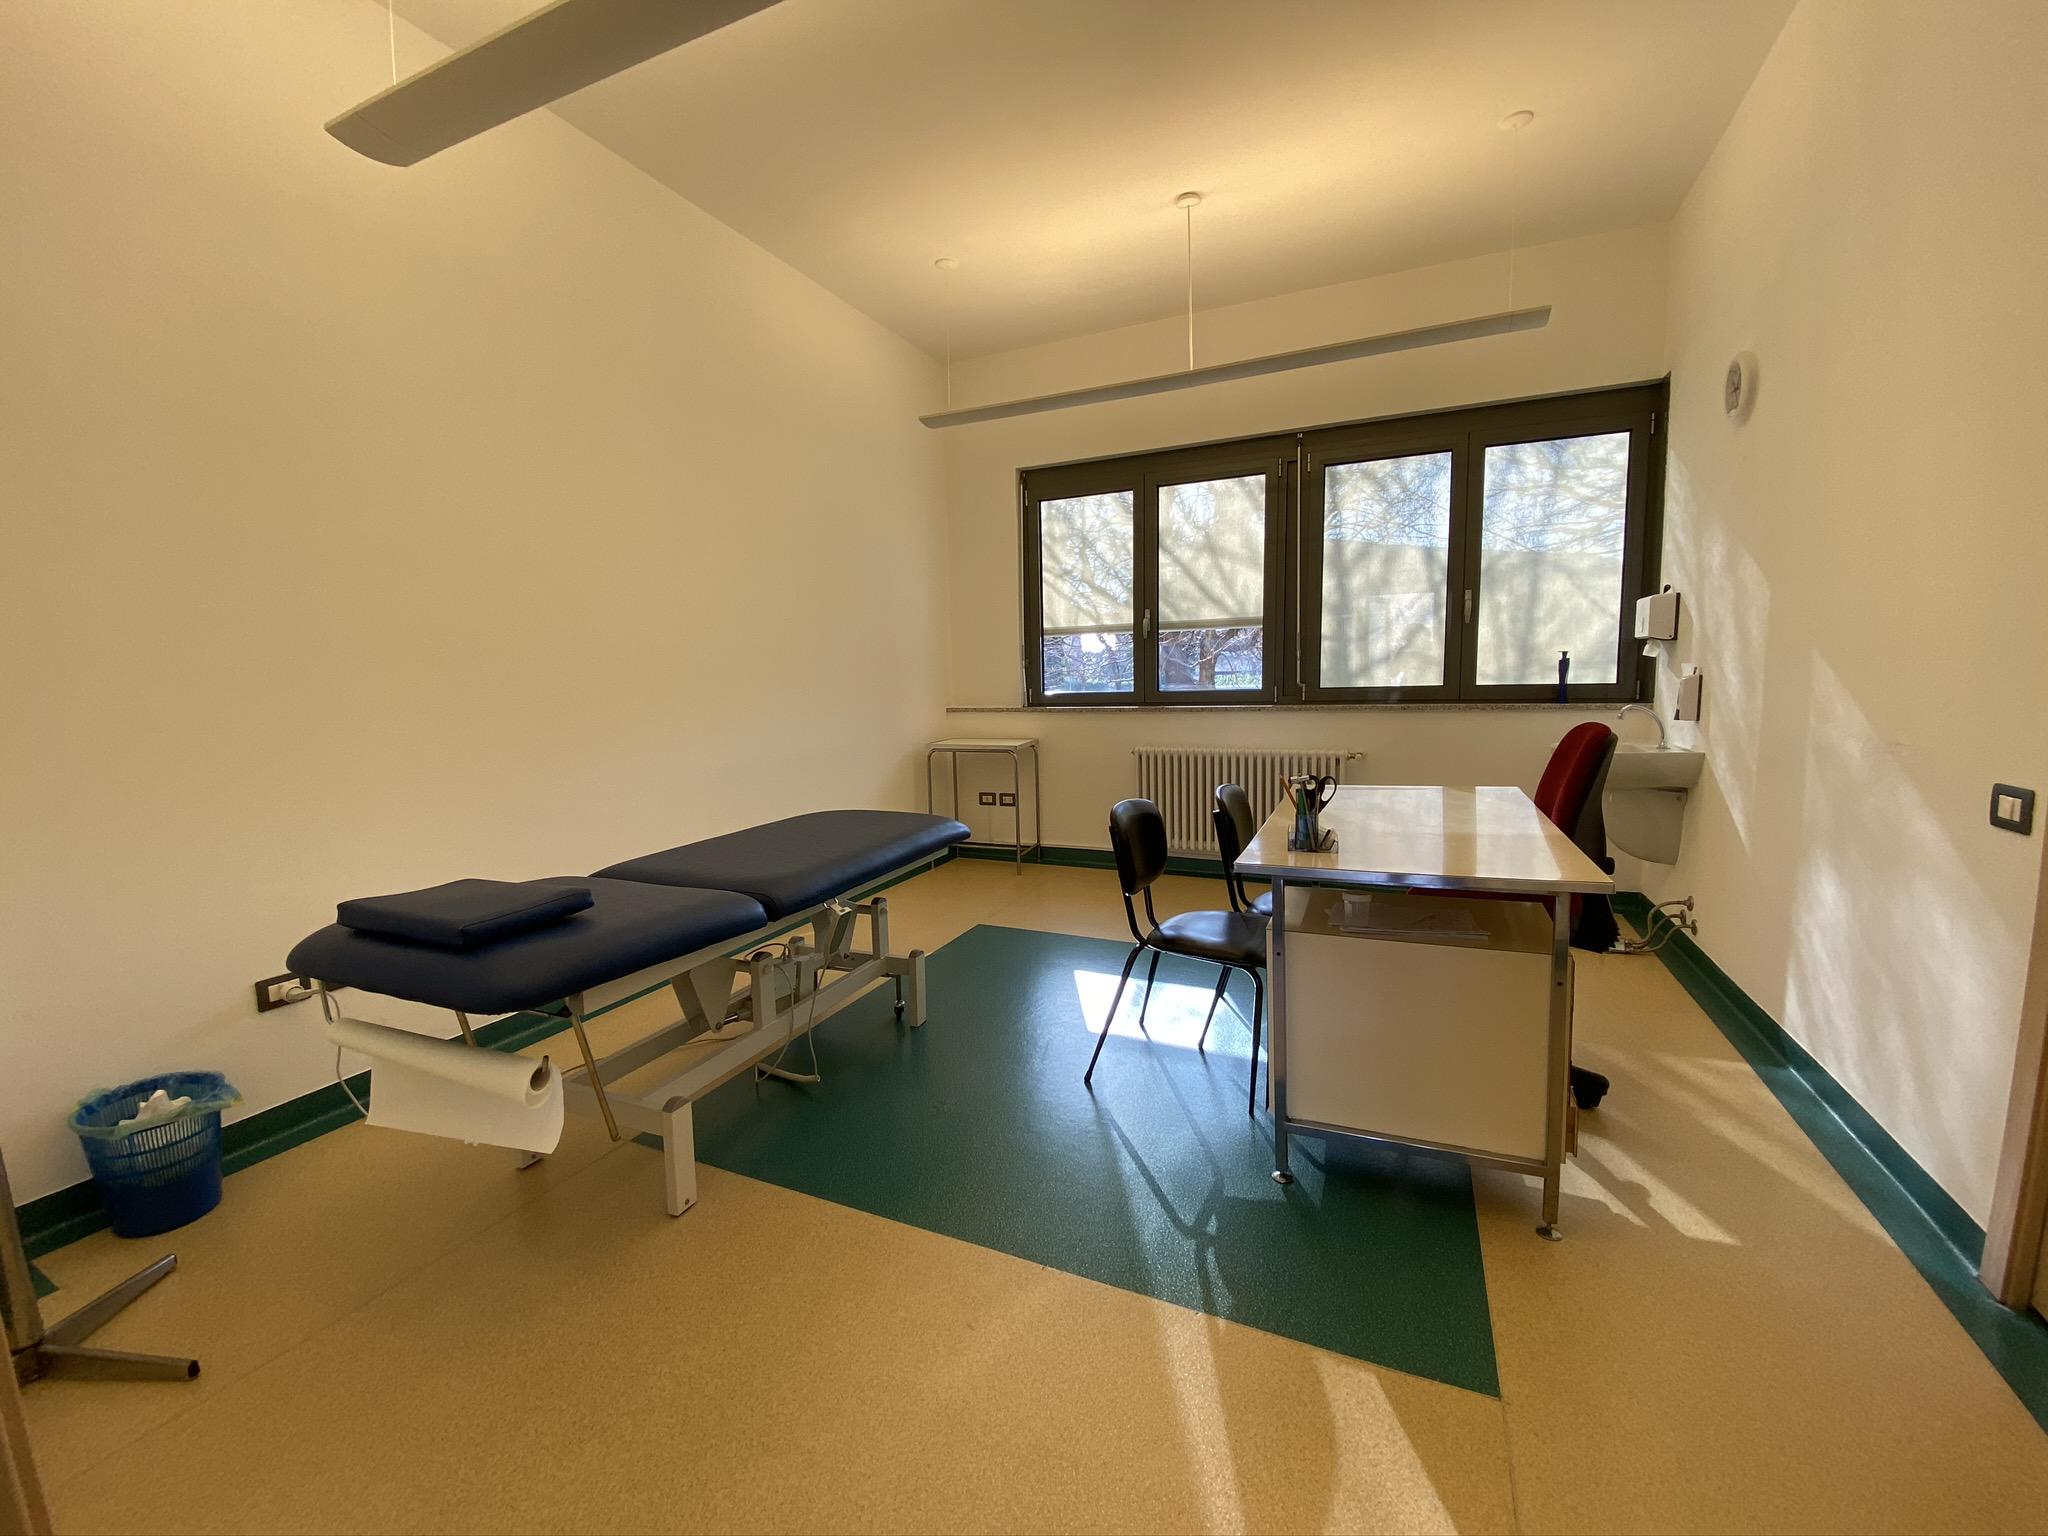 Studio visite fisioterapia Torbole Casaglia Brescia